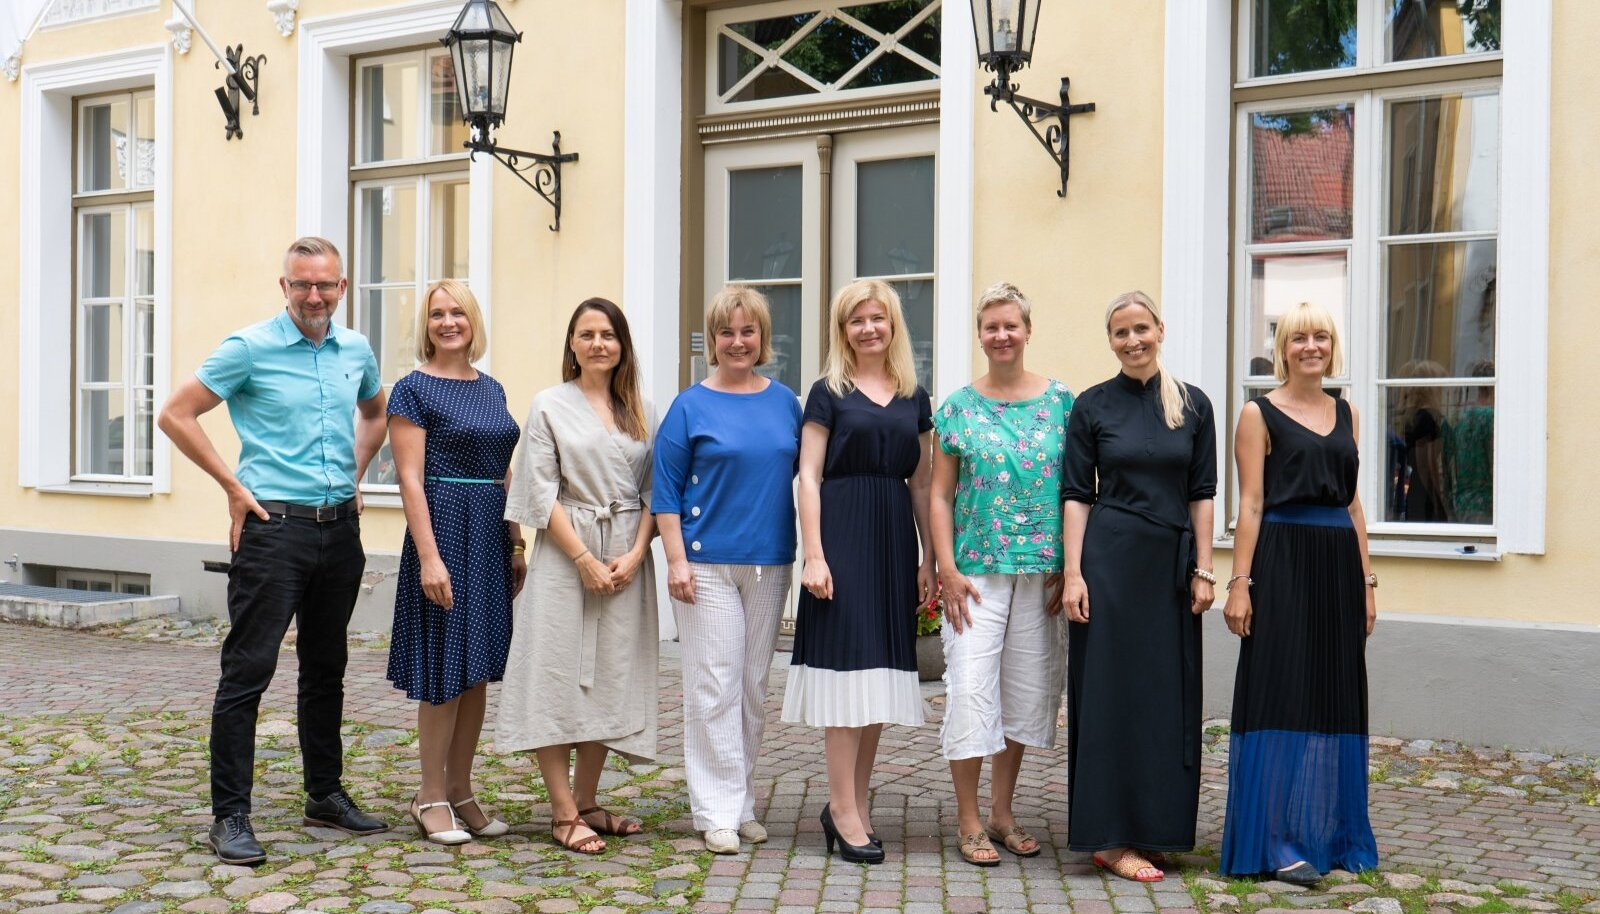 Toidu raiskamise pärast valutavad südant Janar Filippov, Karin Madisson, Helin Vaher, Eva Truuverk, Britta Retel, Kerttu Ruus, Birgit Kermes ja Karolin Soo.